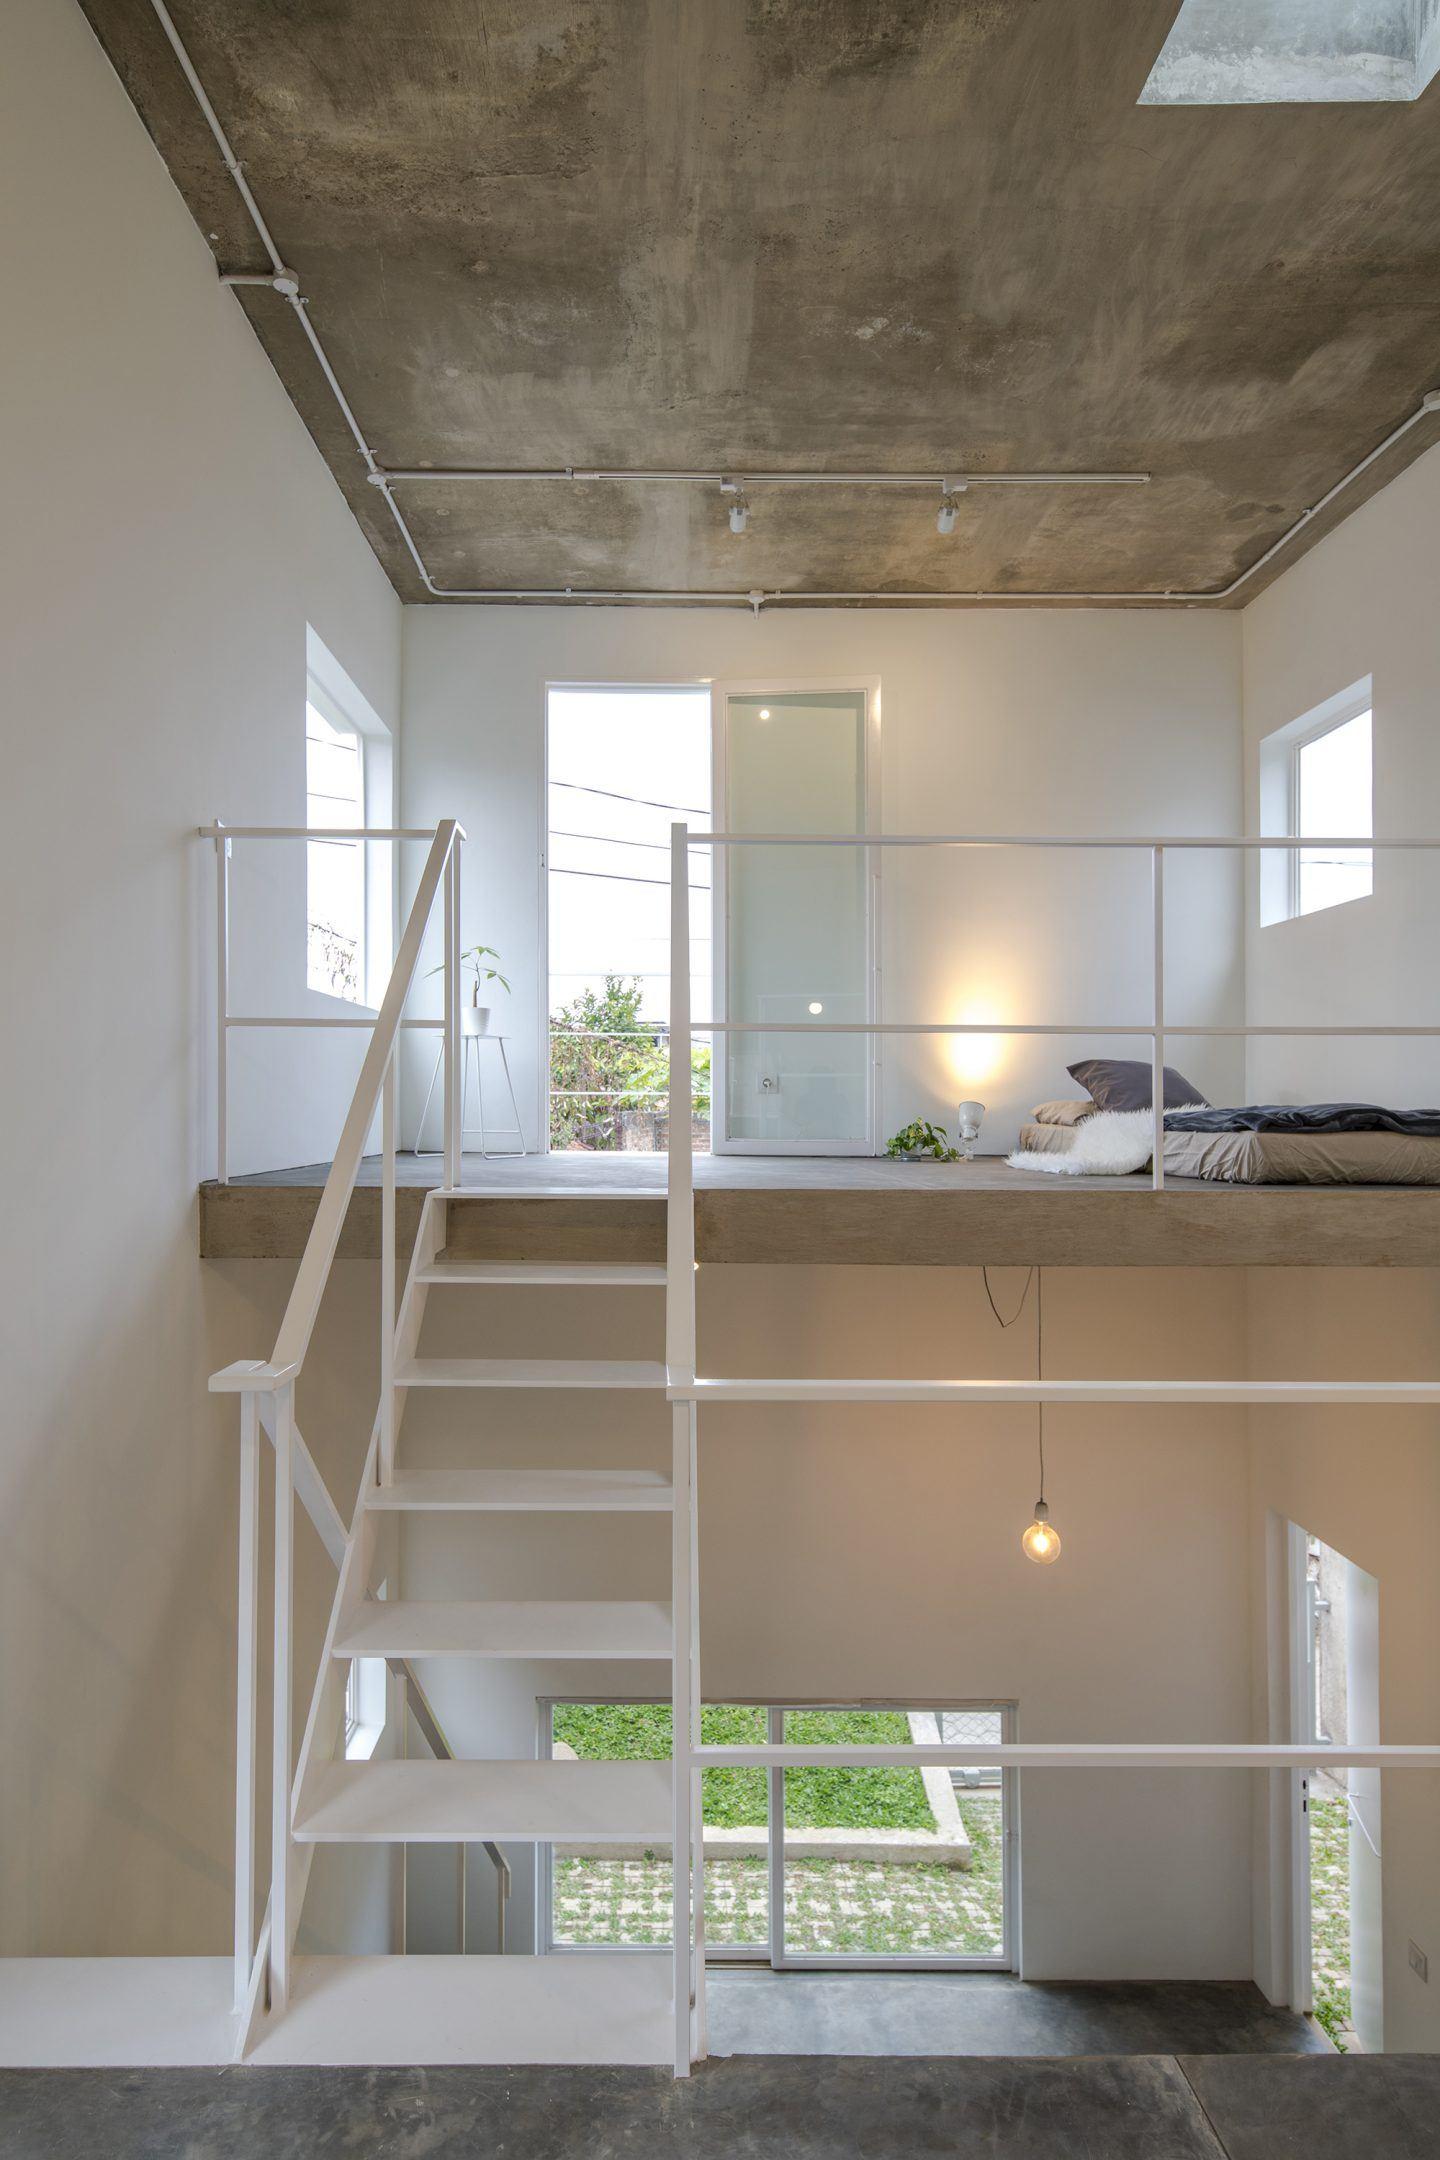 IGNANT-Architecture-Dua-Studio-4x6x6-8